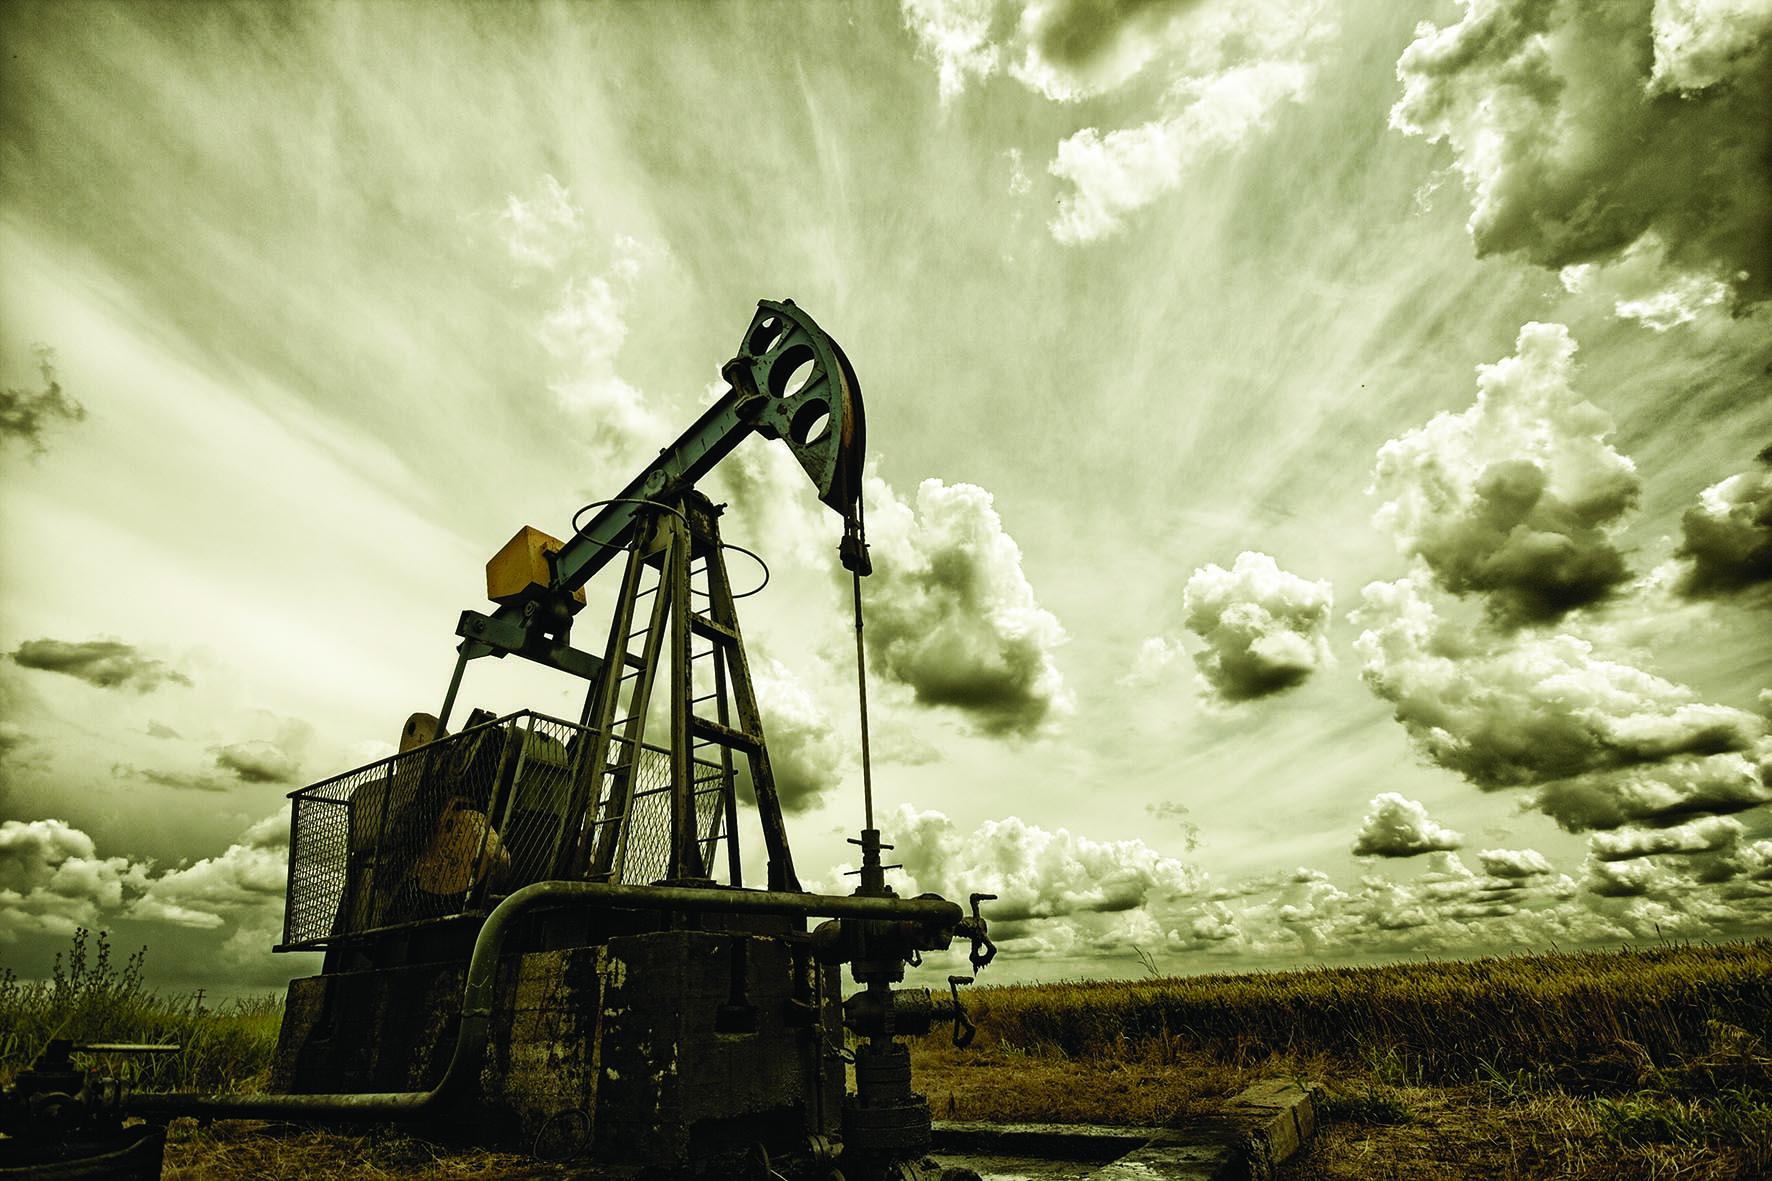 ضخ استثمارات كبيرة لتطوير قطاع النفط والغاز